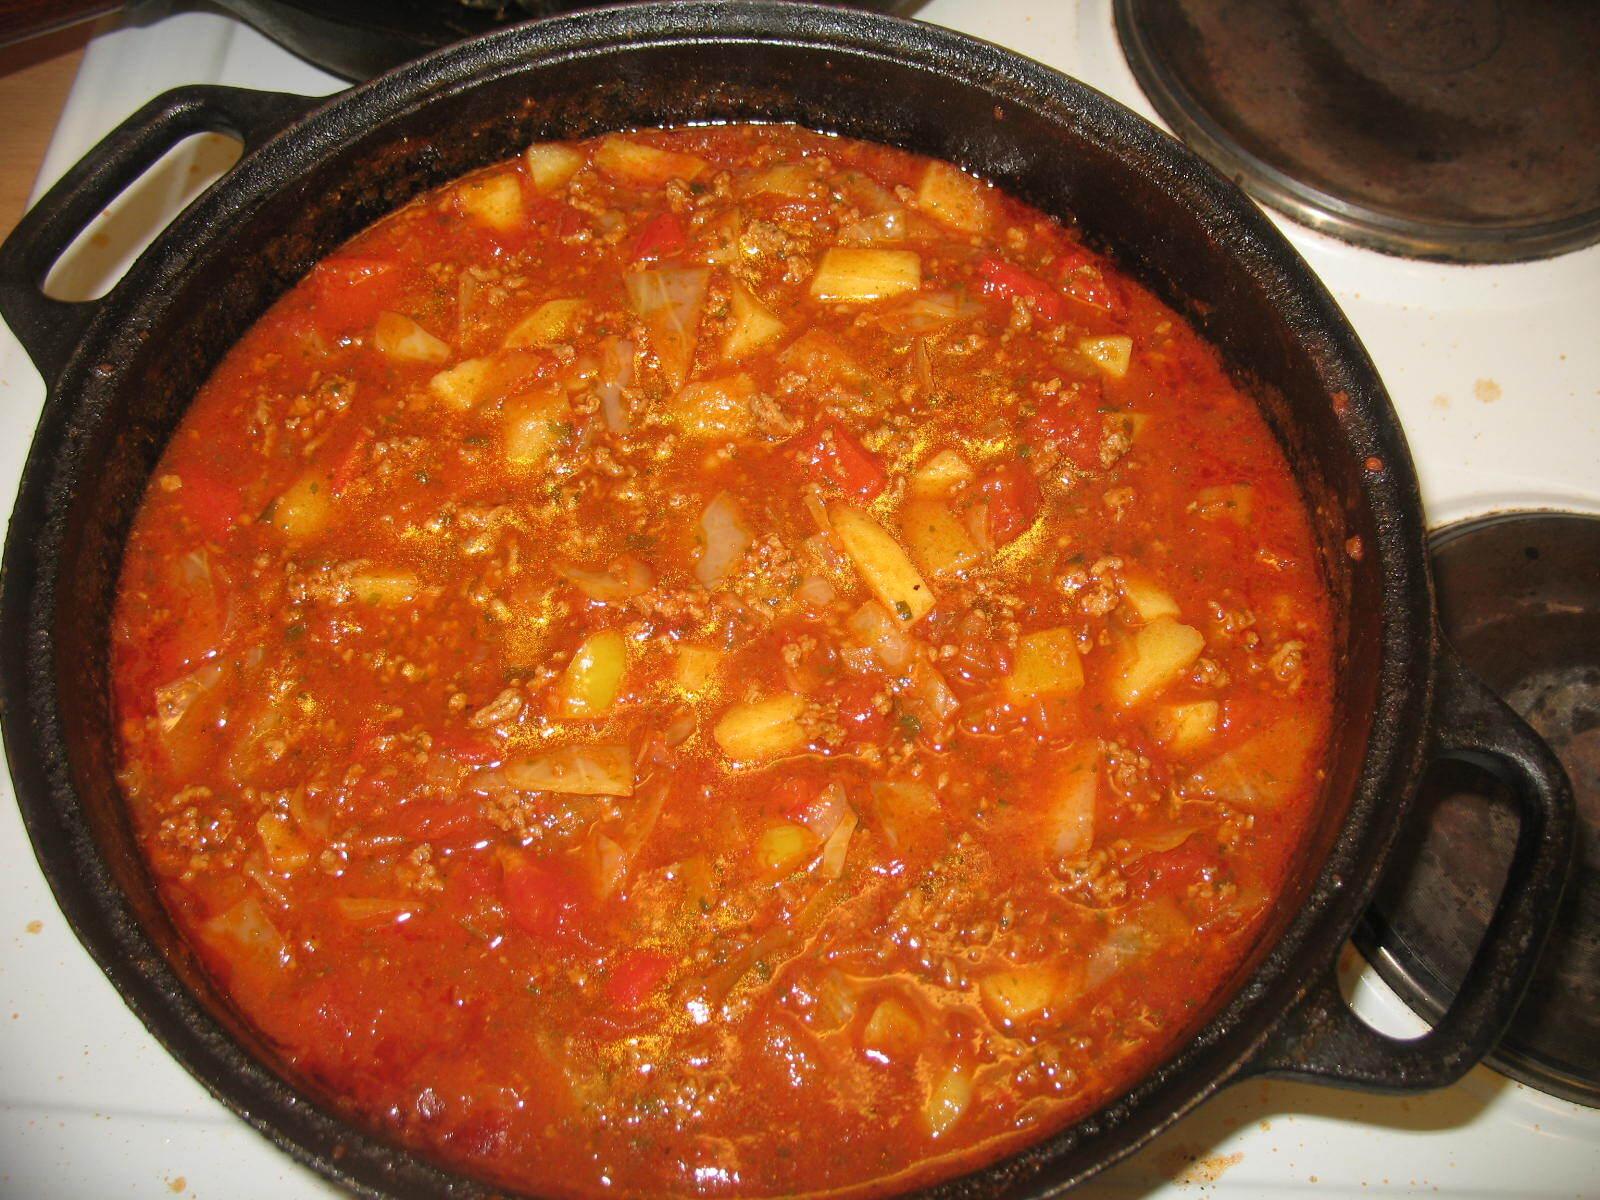 ungersk gulaschsoppa i tryckkokare